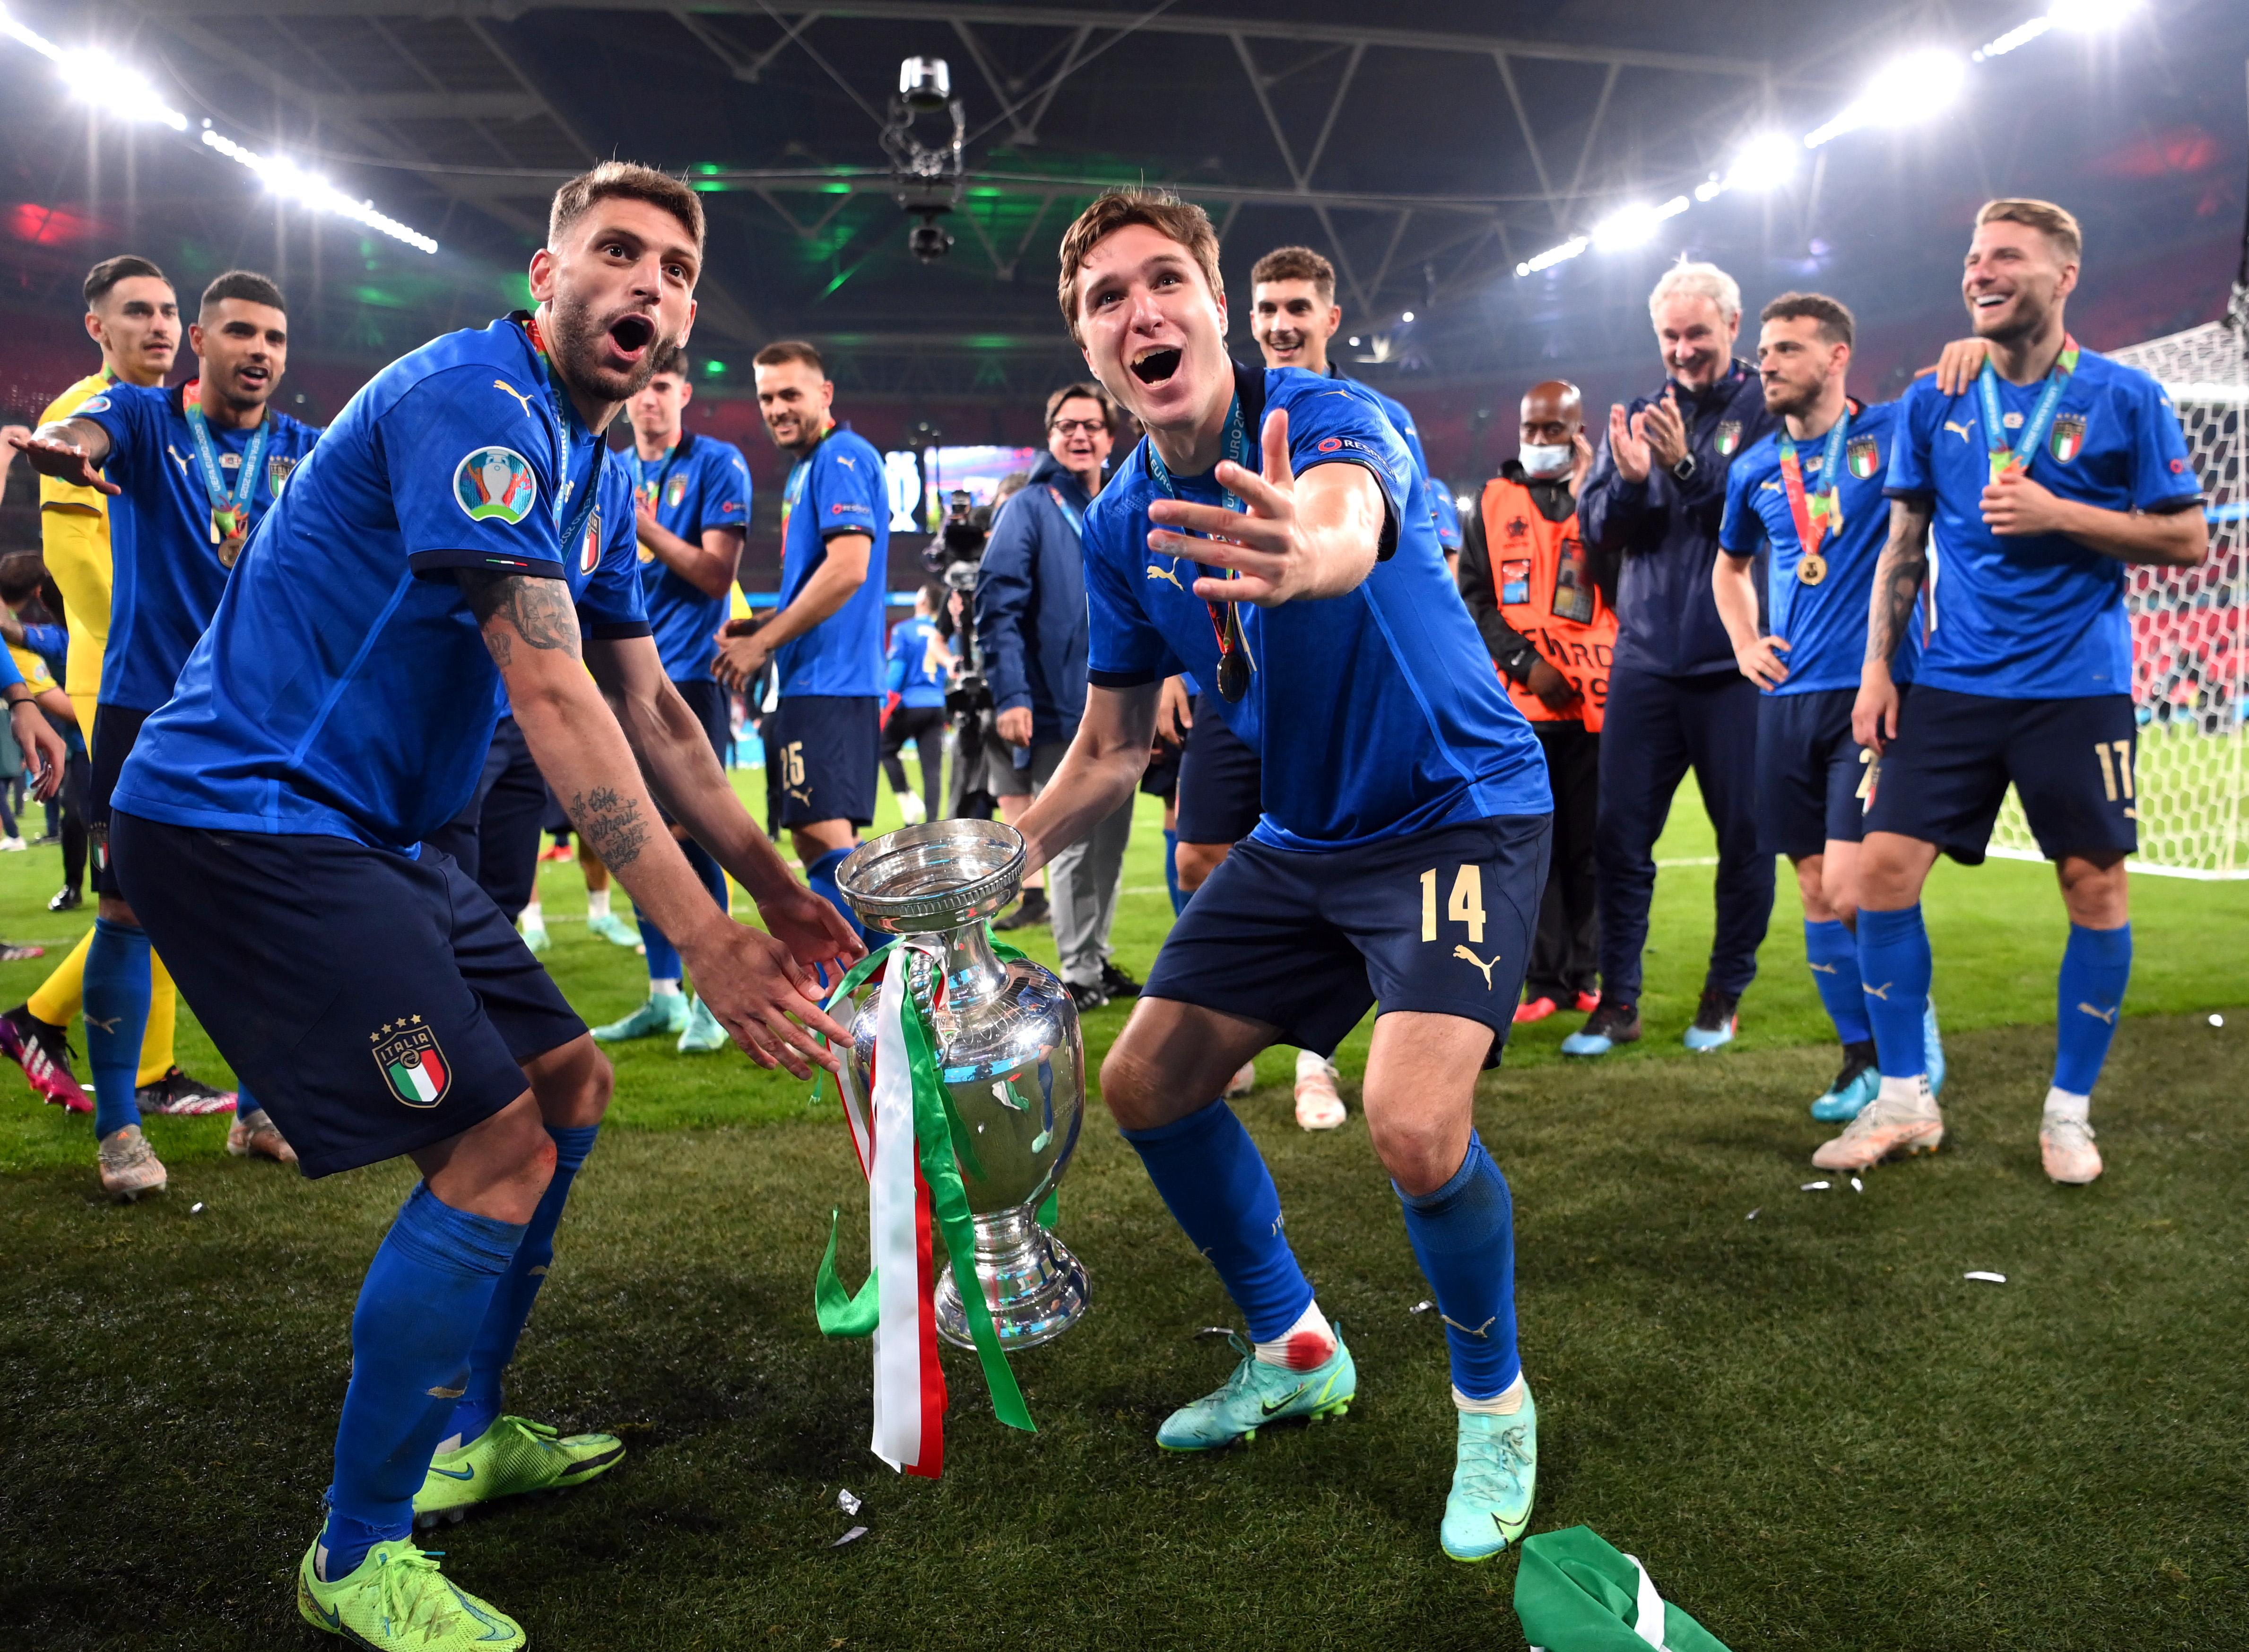 ट्रॉफी के साथ जश्न मनाते इटली के खिलाड़ी।